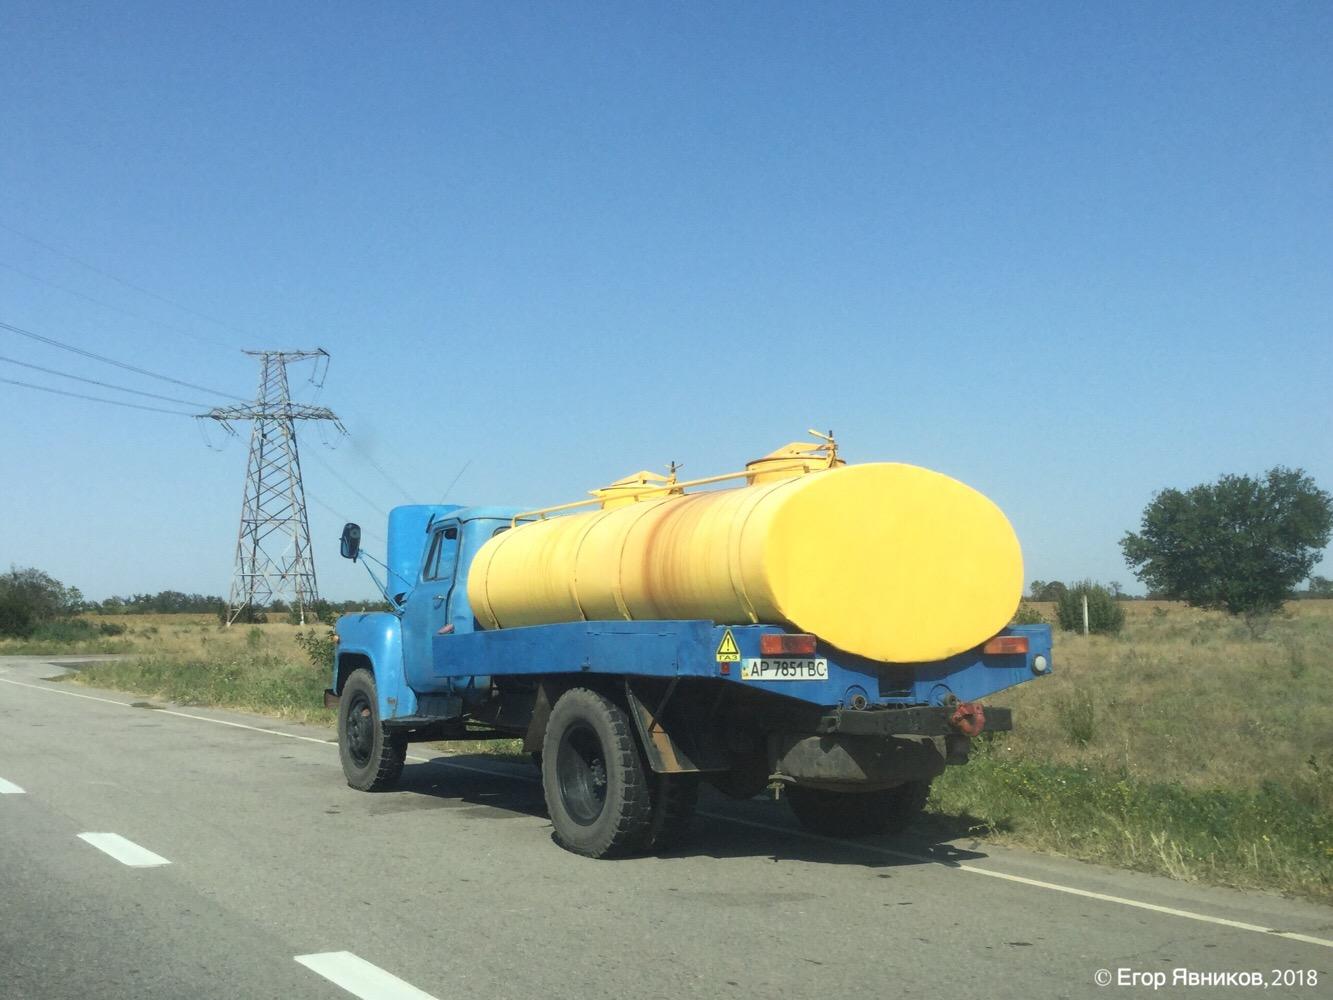 Молоковоз АЦПТ-3,3 на базе ГАЗ-53-12, #АР7851ВС. Запорожская область, автодорога Е105